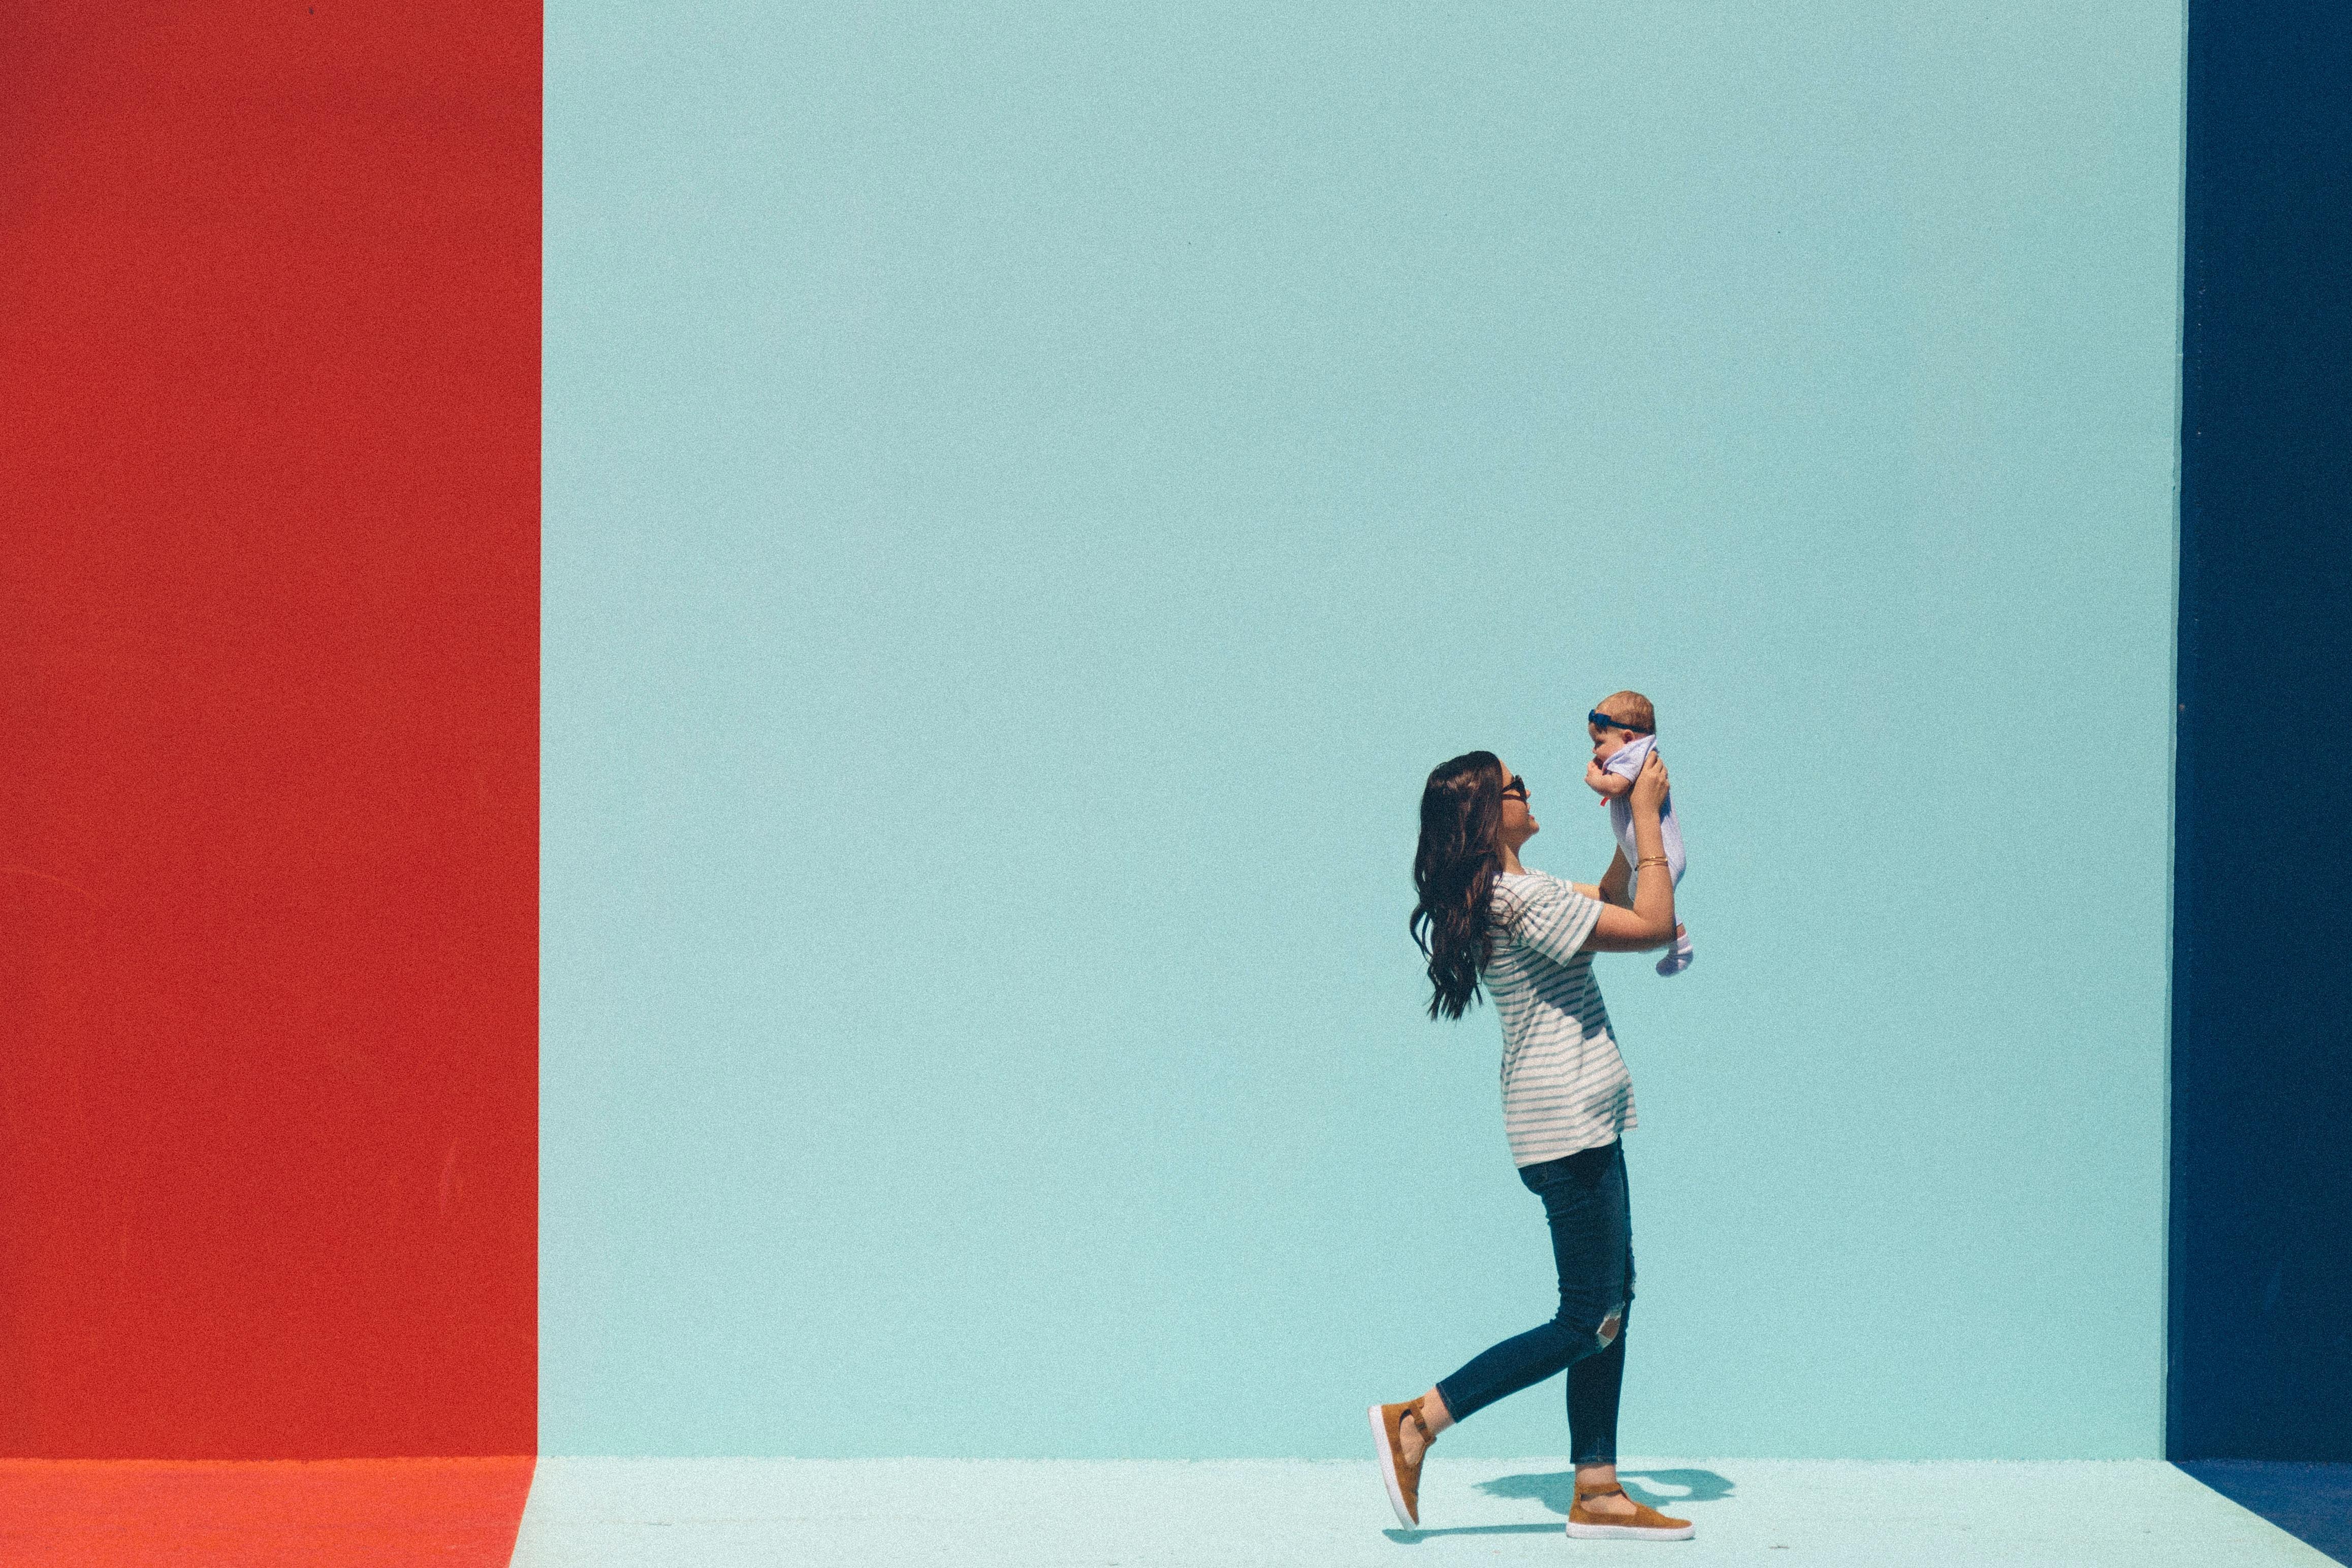 気になるハーフの赤ちゃんは日本人顏?それとも外国っぽい顔?